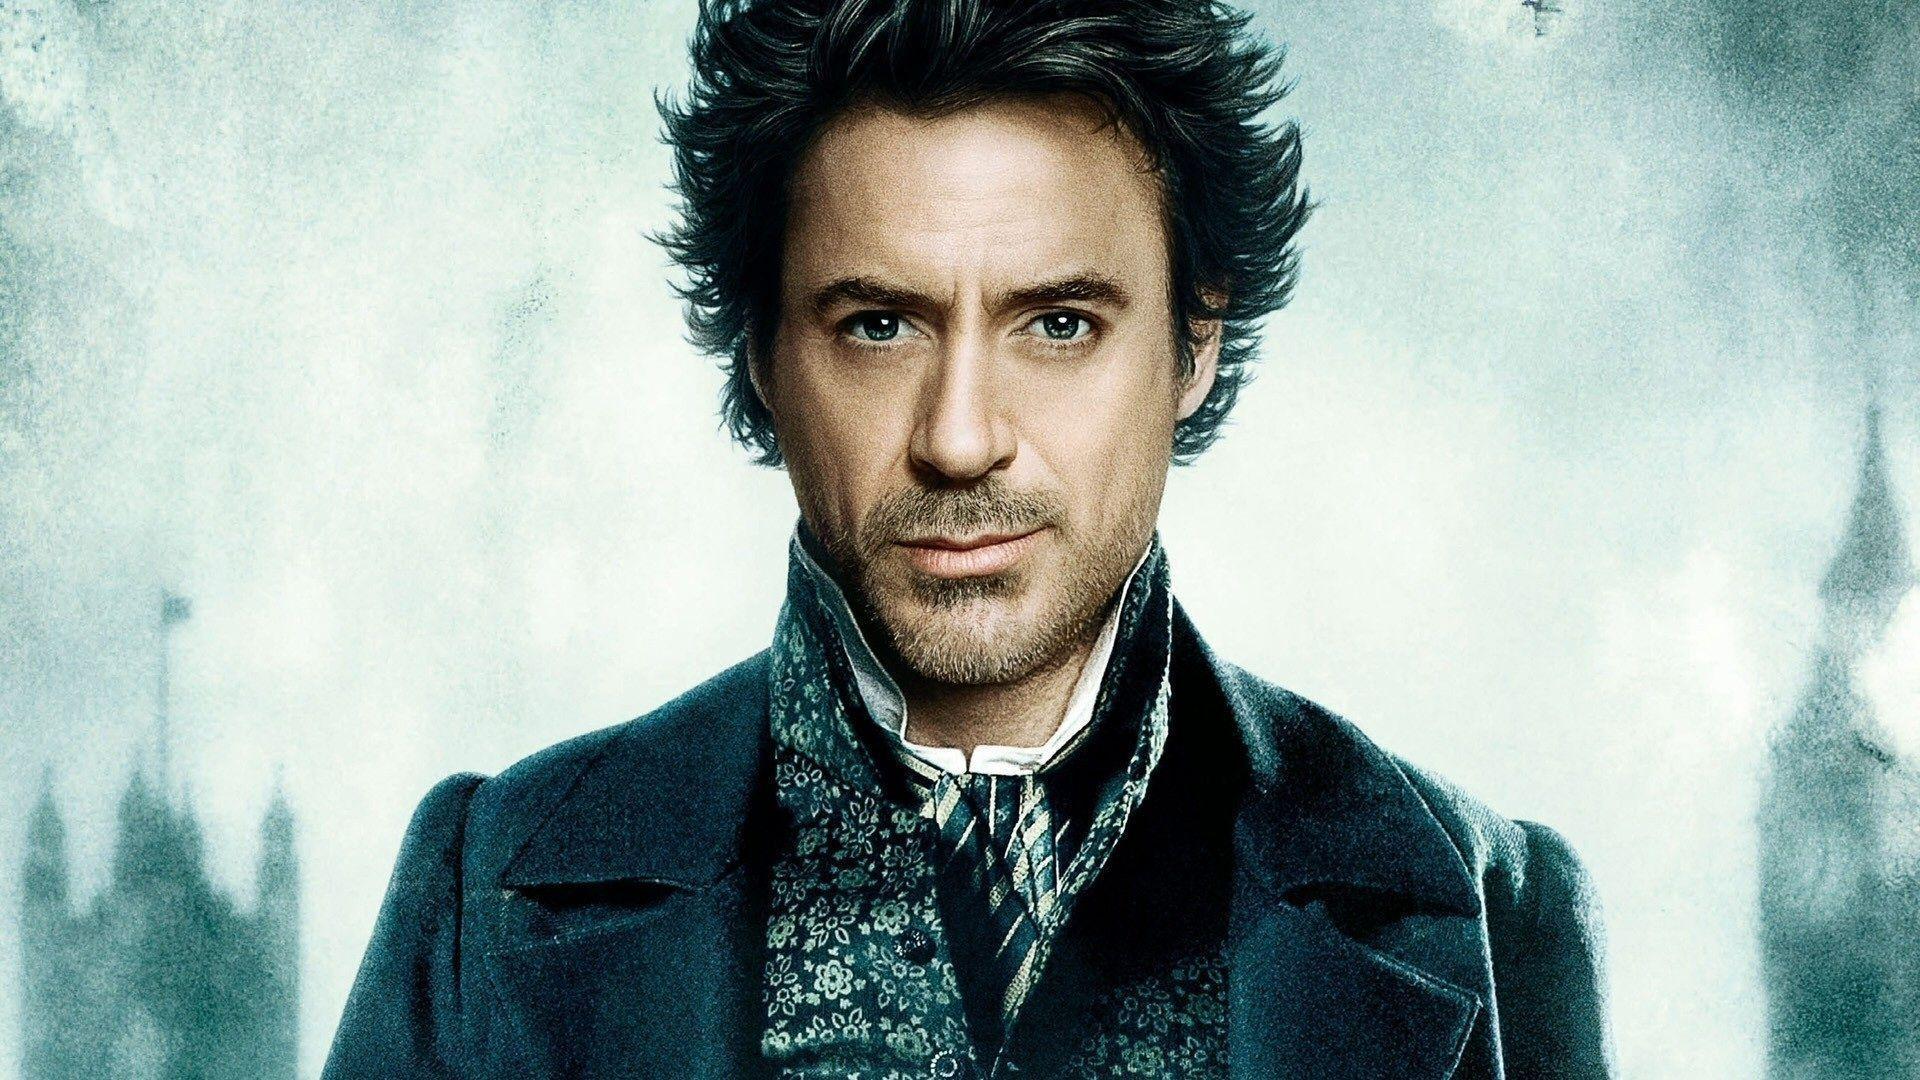 Robert Downey Jr in The Judge Movie Desktop Wallpaper ...